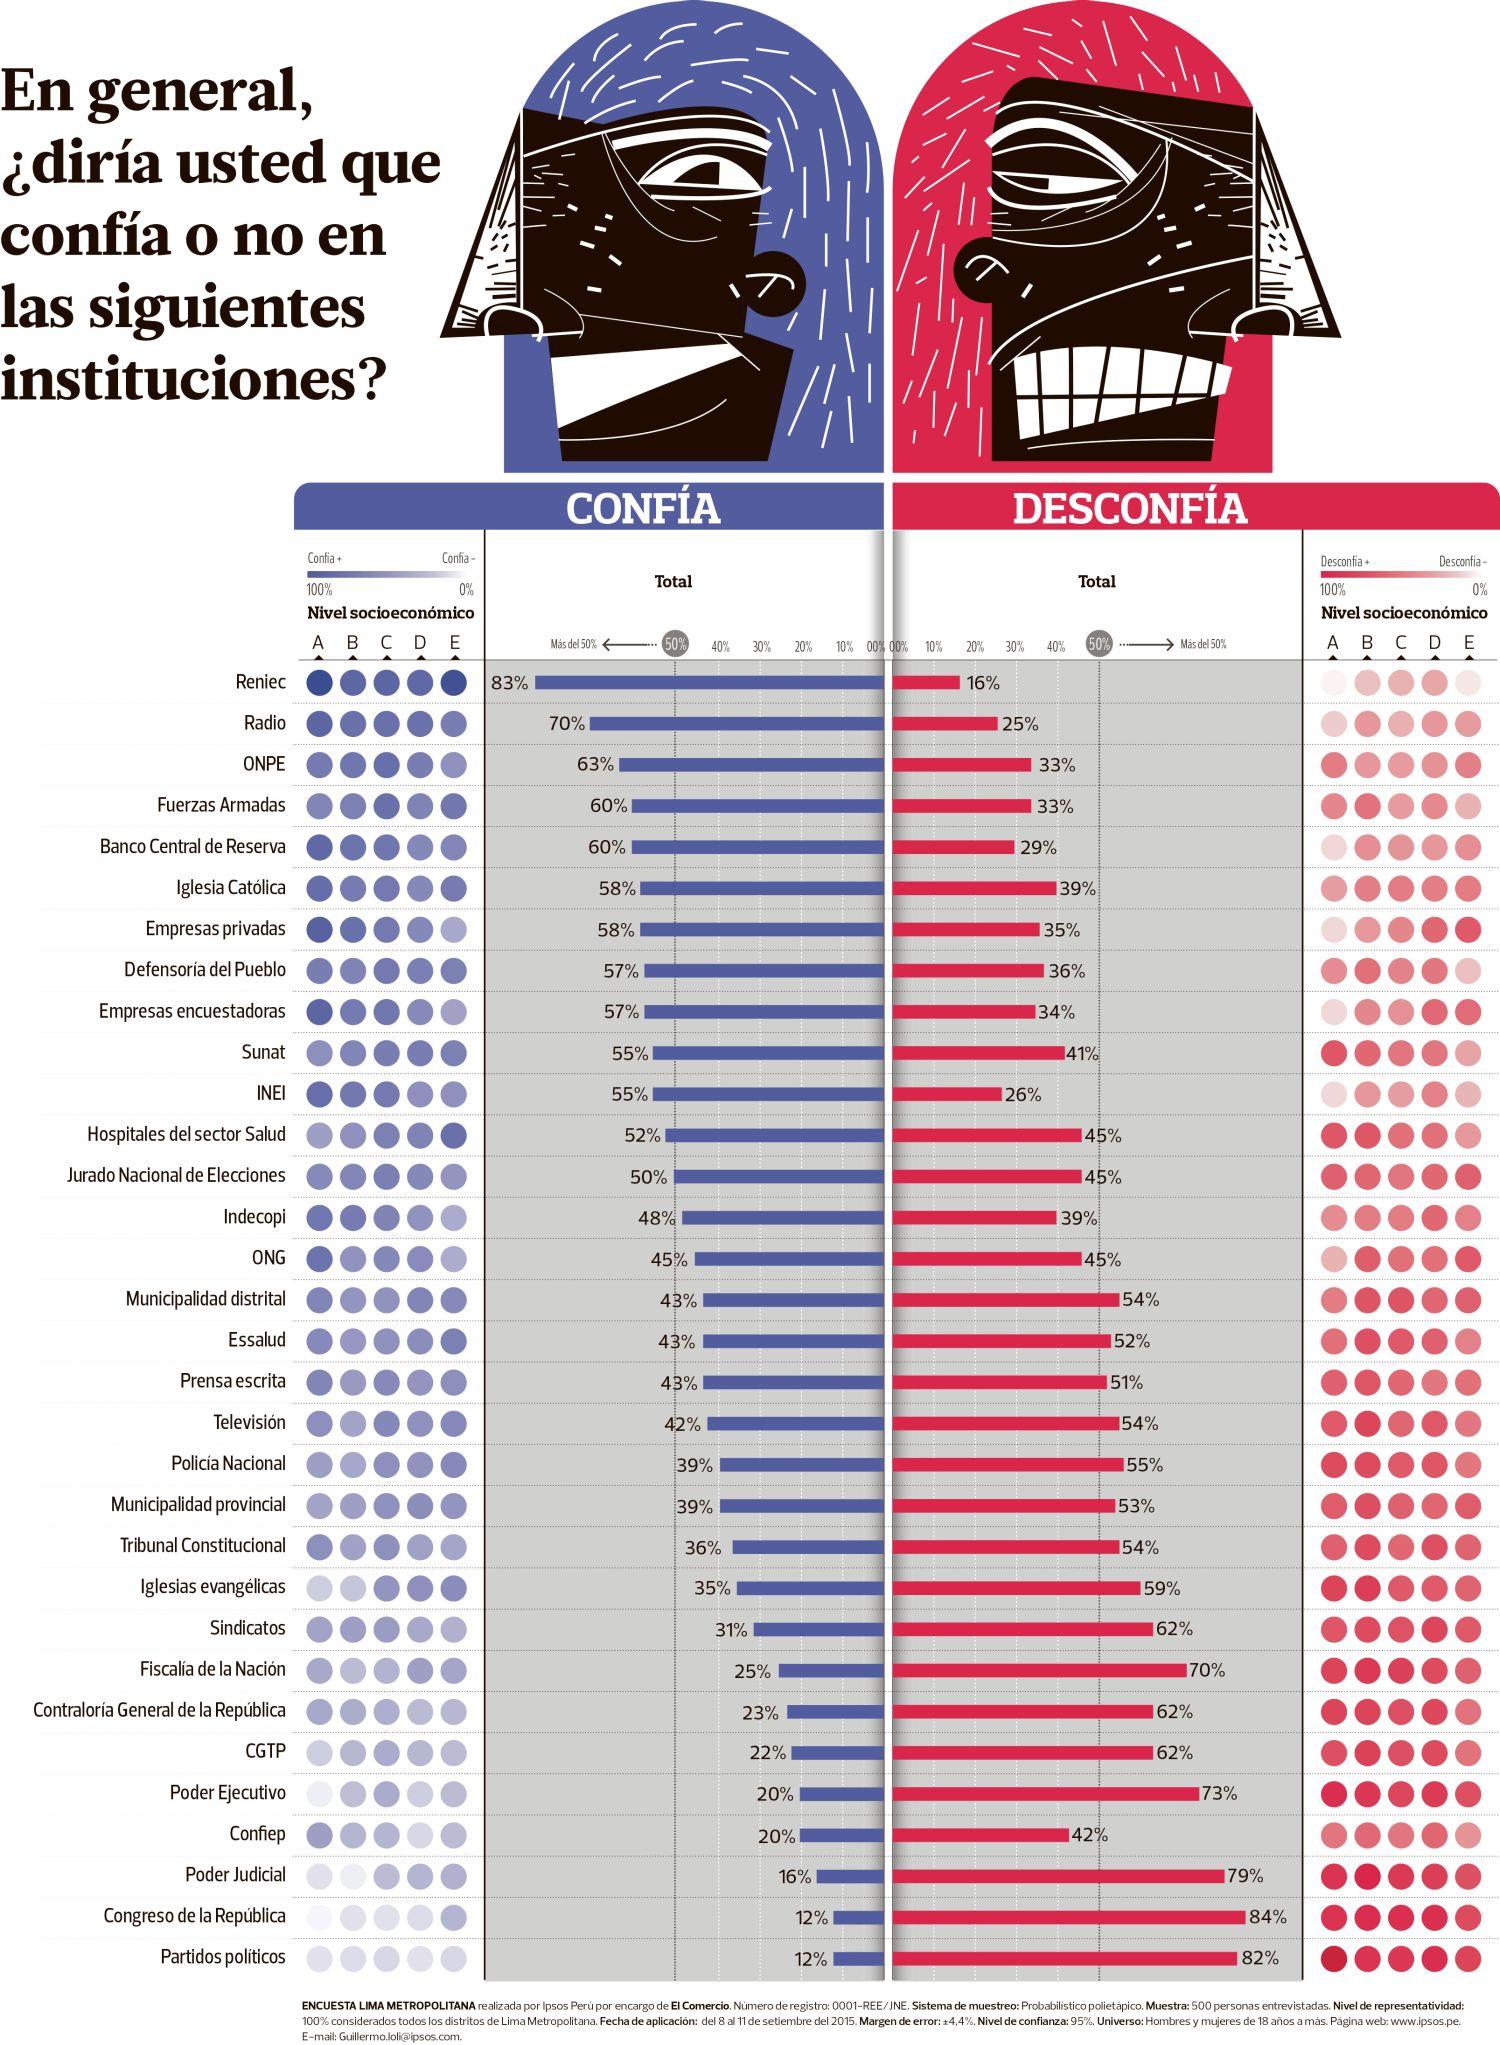 [Foto] Tremenda desconfianza: opinión ciudadana sobre instituciones